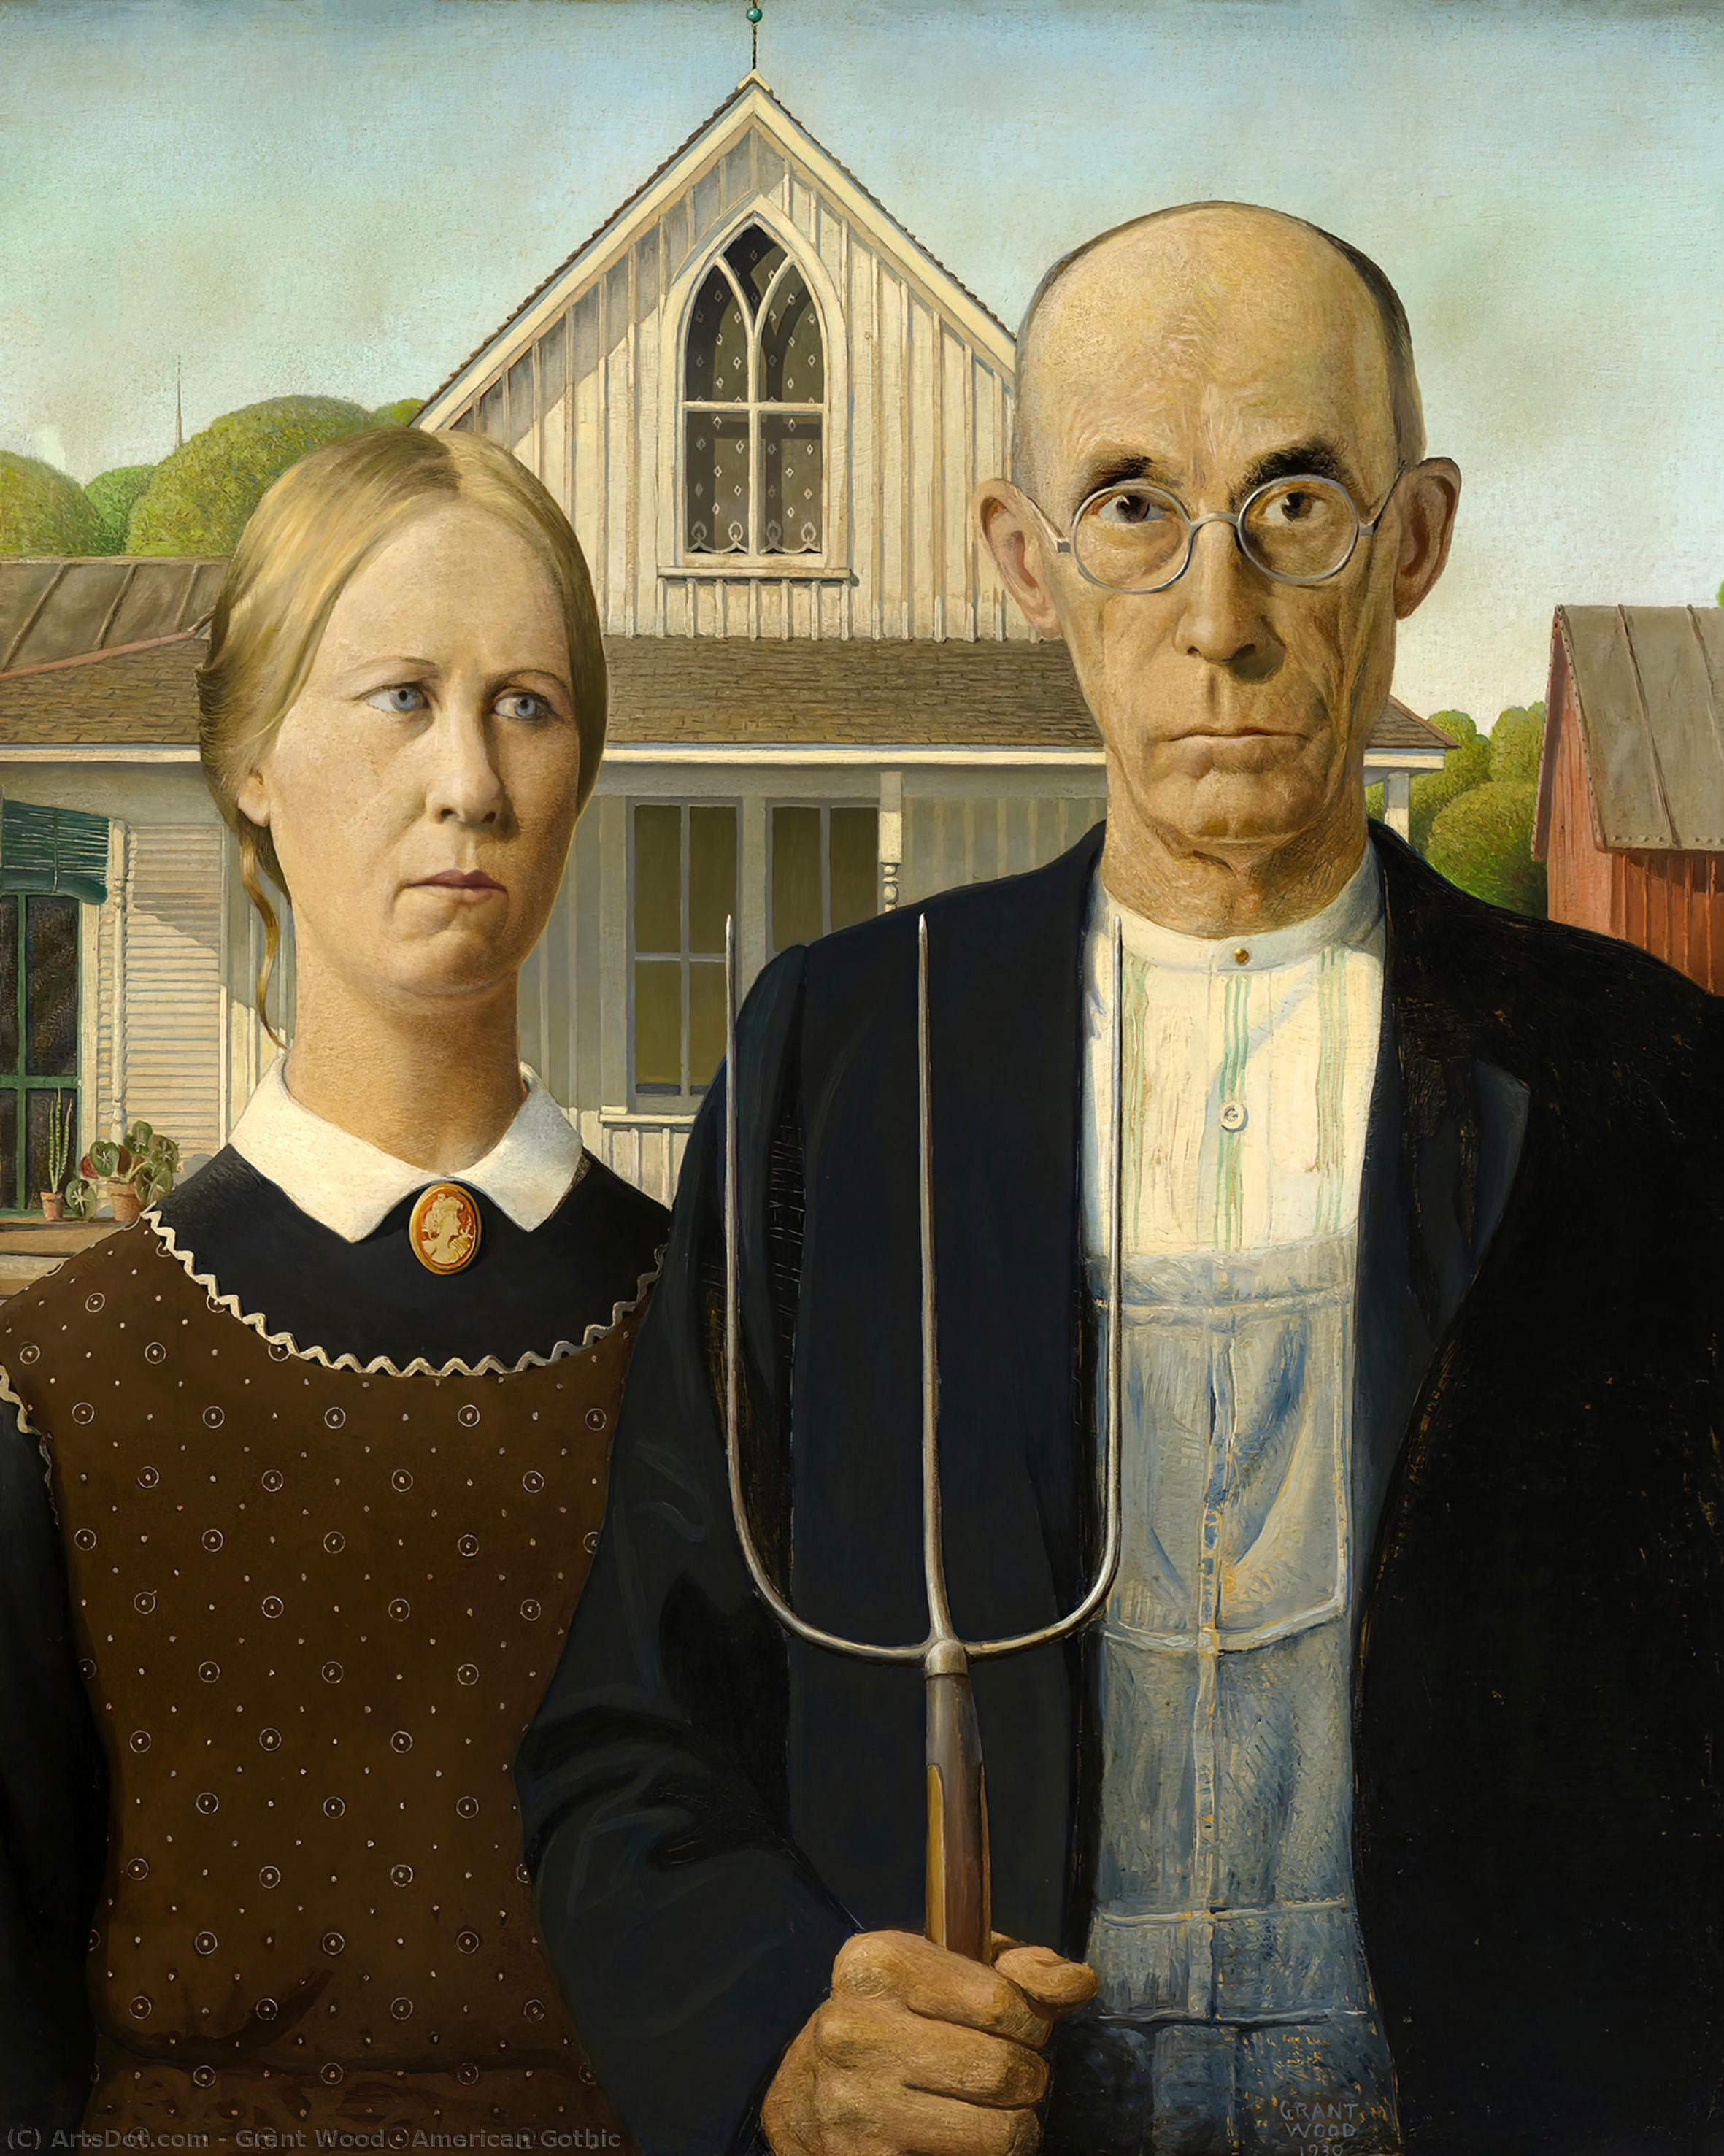 WikiOO.org - Enciklopedija dailės - Tapyba, meno kuriniai Grant Wood - American Gothic